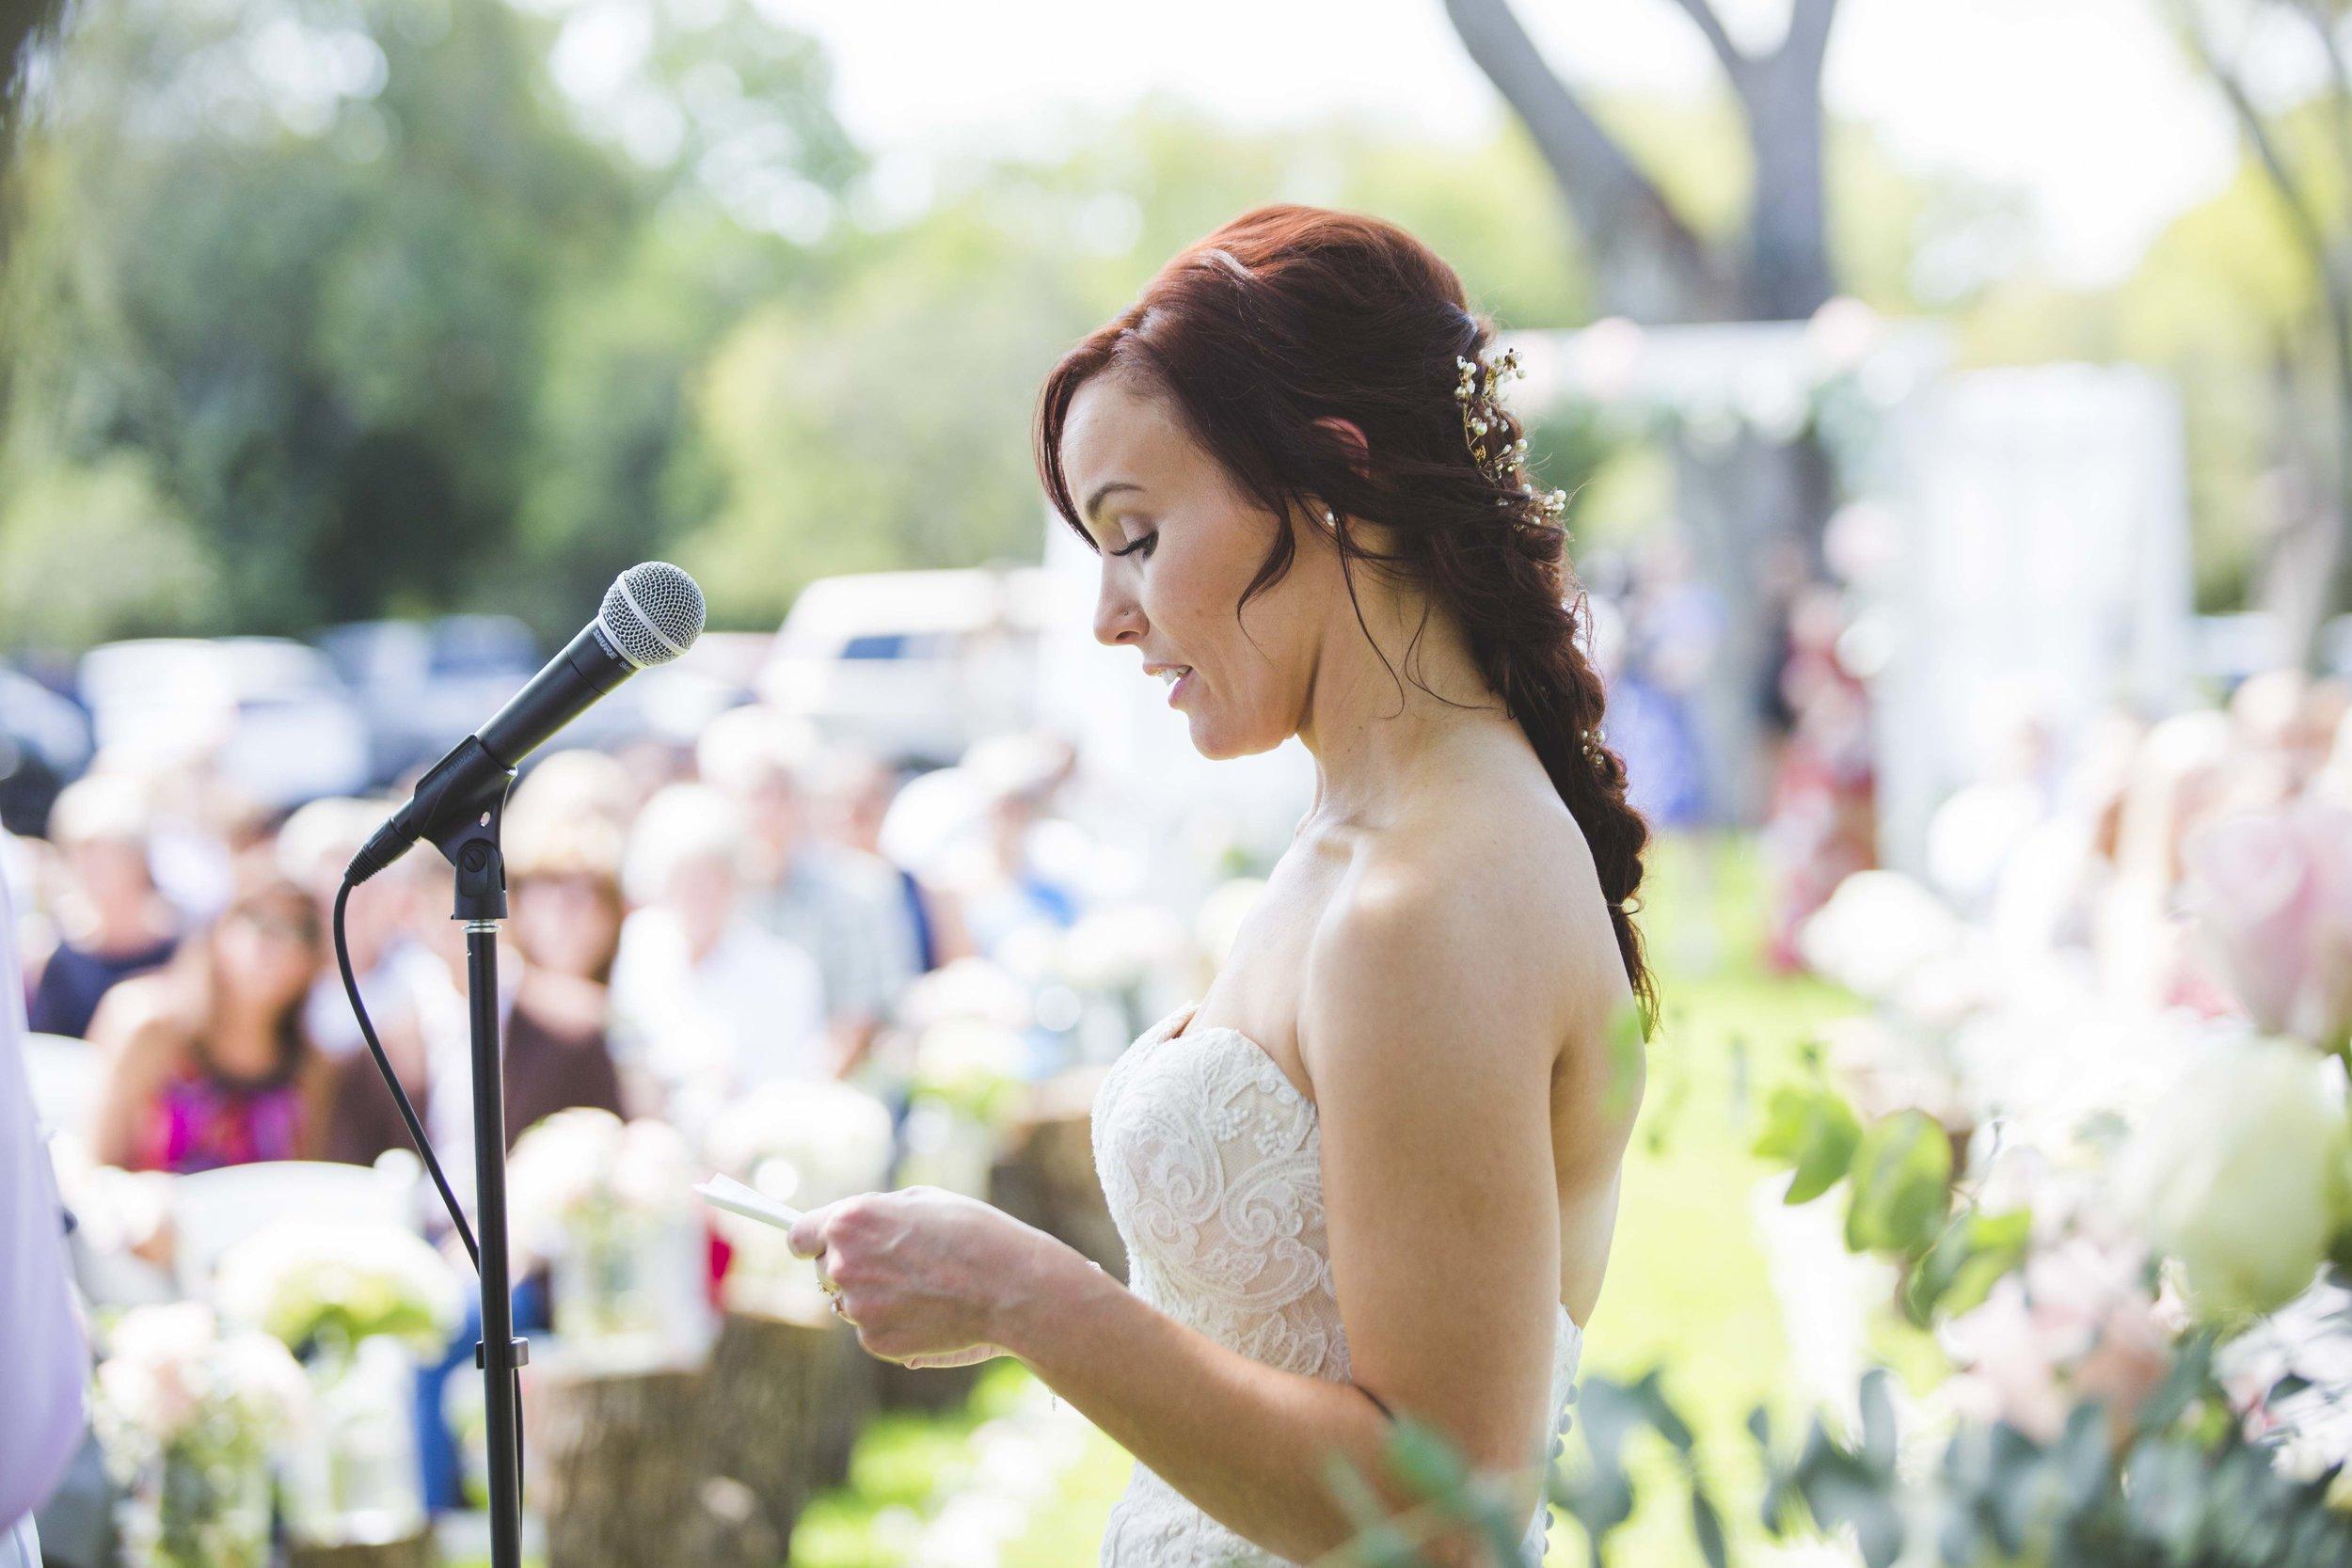 ATGI_Susanna & Matt Wedding_717A7797.jpg